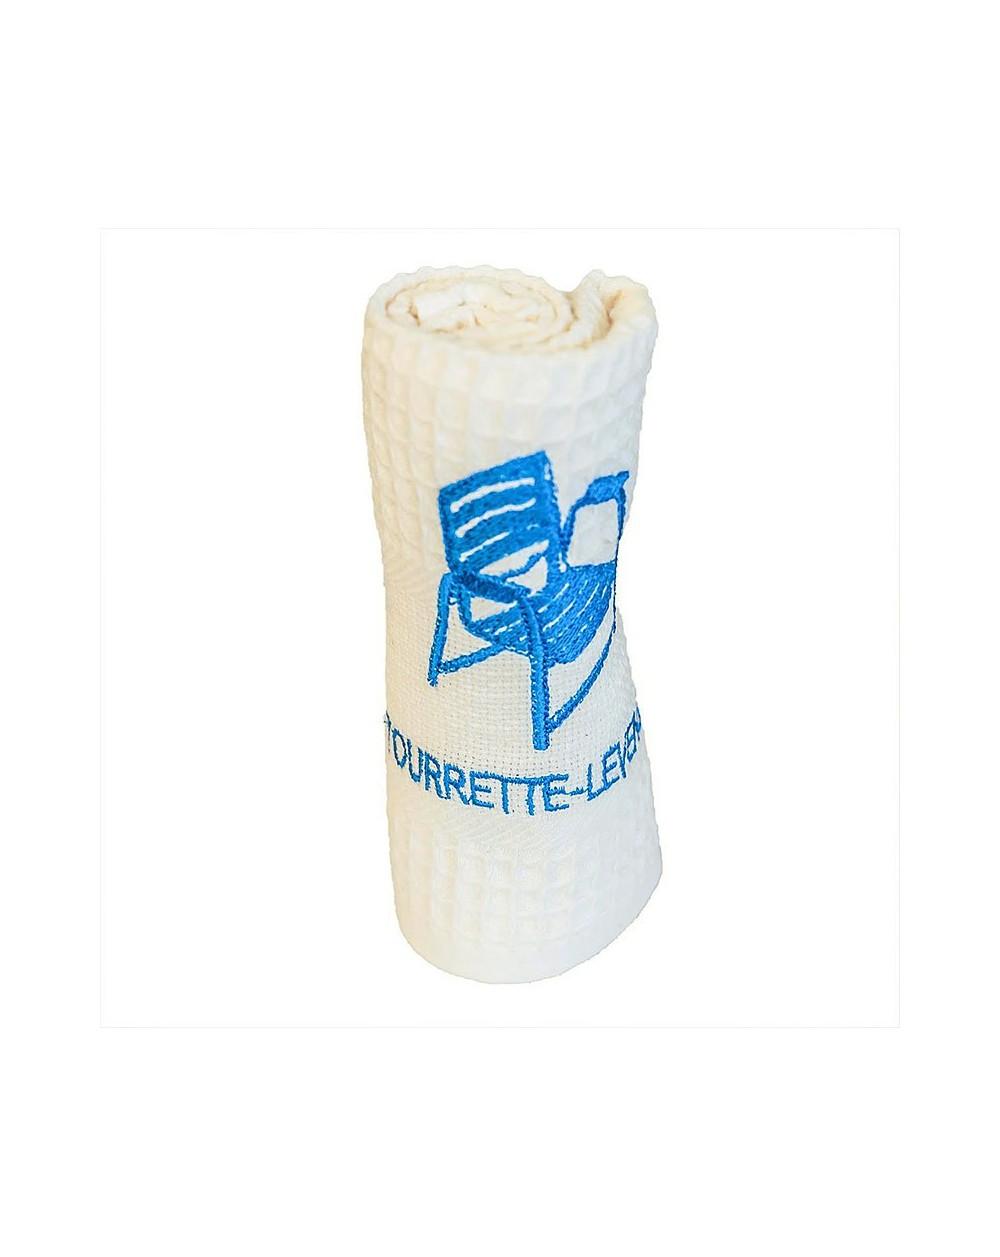 Torchon brodé écru Tourrette-Levens - Chaise Bleue